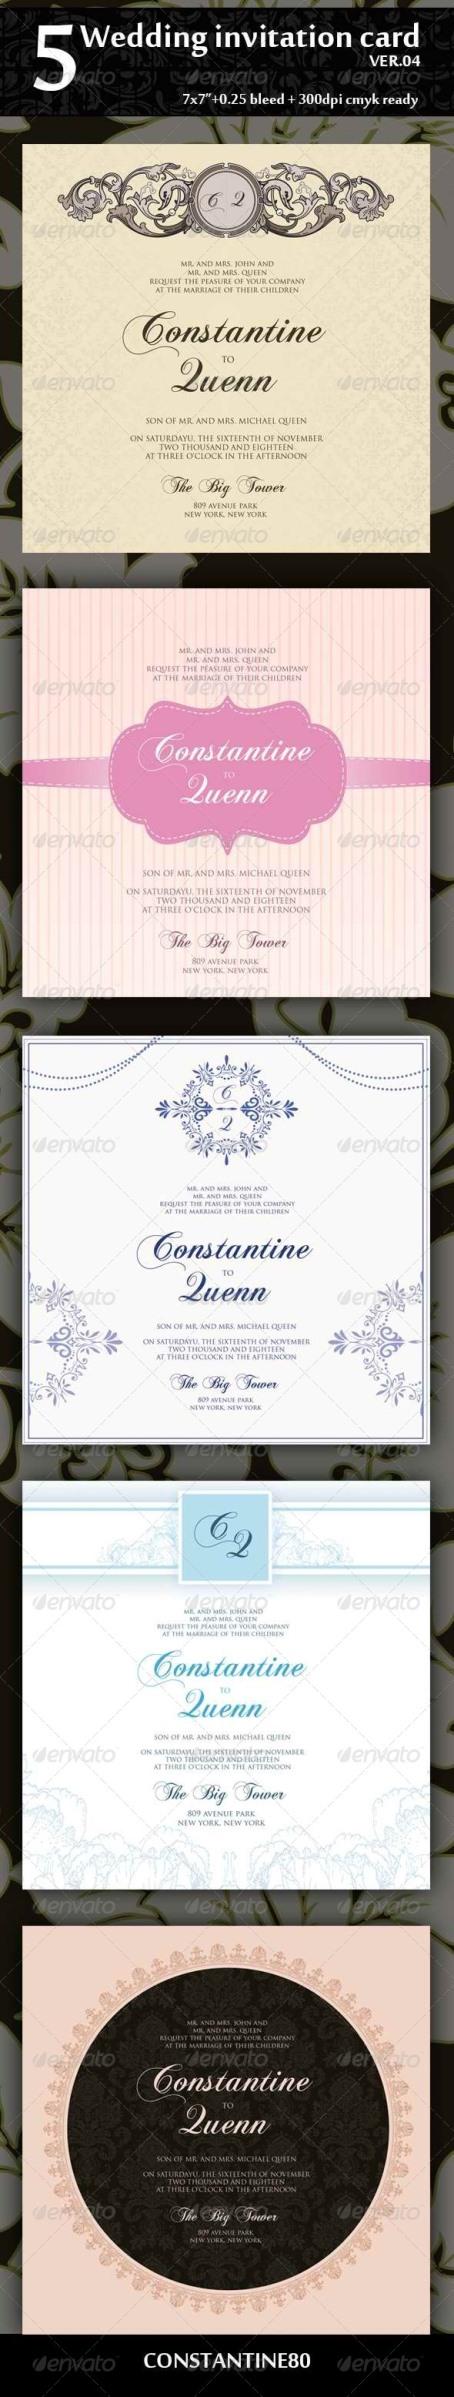 Desain Undangan Pernikahan Terbaik Template Photoshop - Desain-Undangan-Nikah-5-Wedding-Invitation-7×7-Ver-04